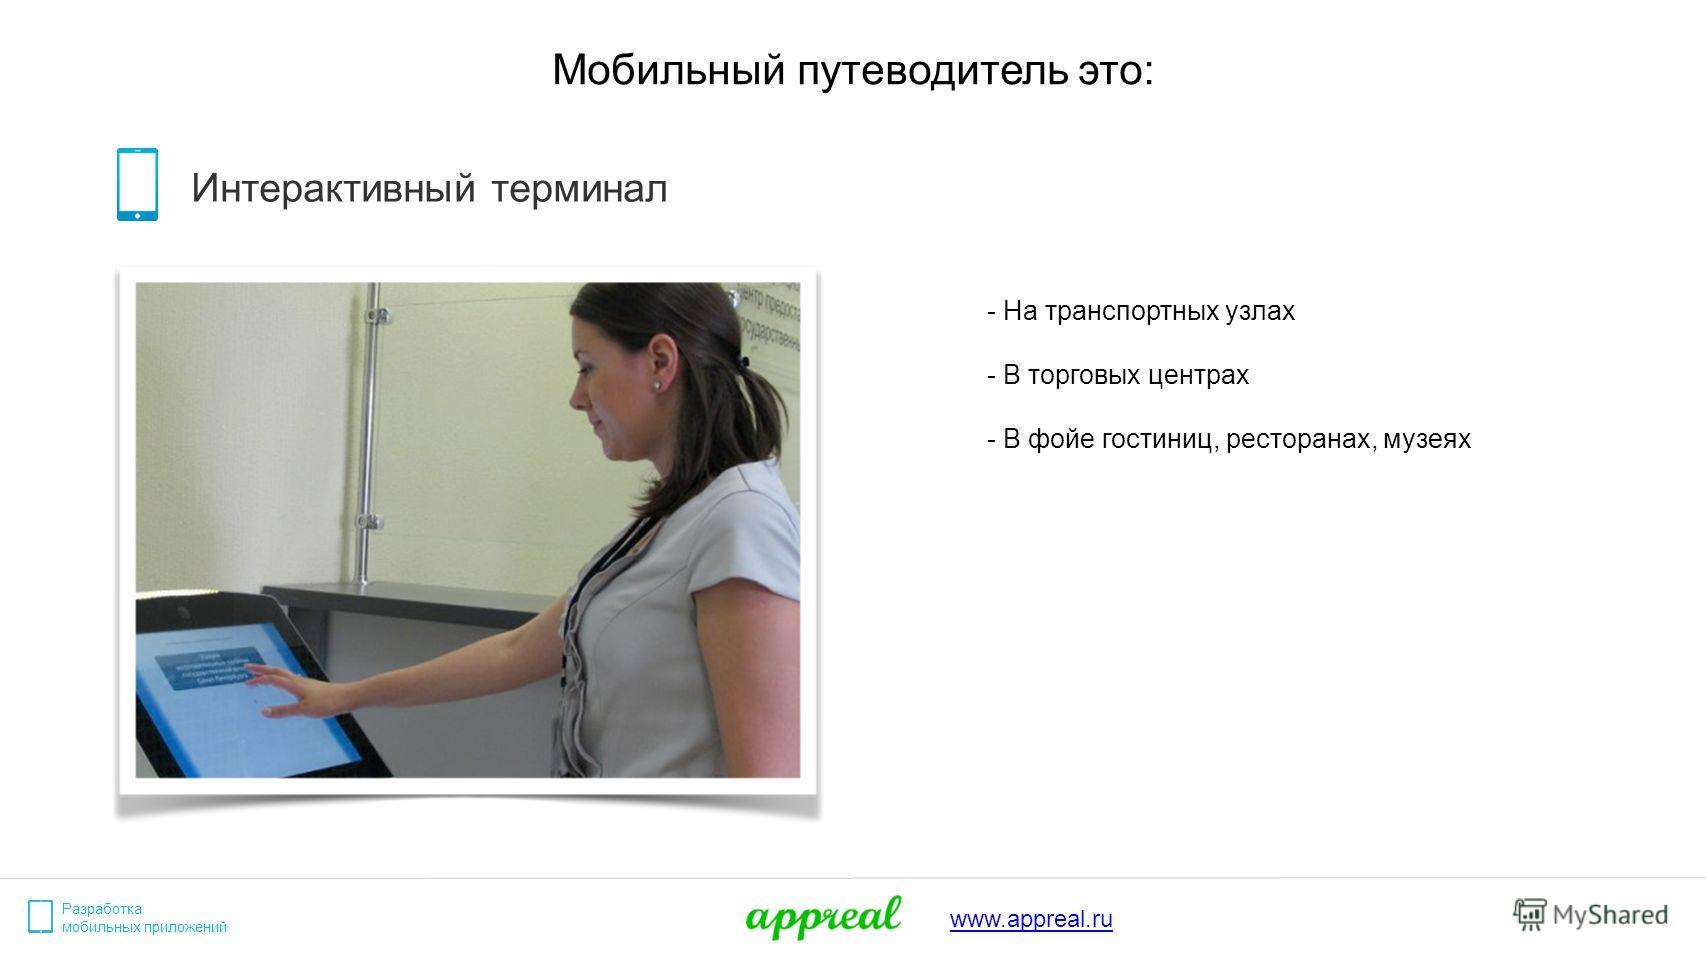 Разработка мобильных приложений www.appreal.ru Мобильный путеводитель это: Интерактивный терминал - На транспортных узлах - В торговых центрах - В фойе гостиниц, ресторанах, музеях